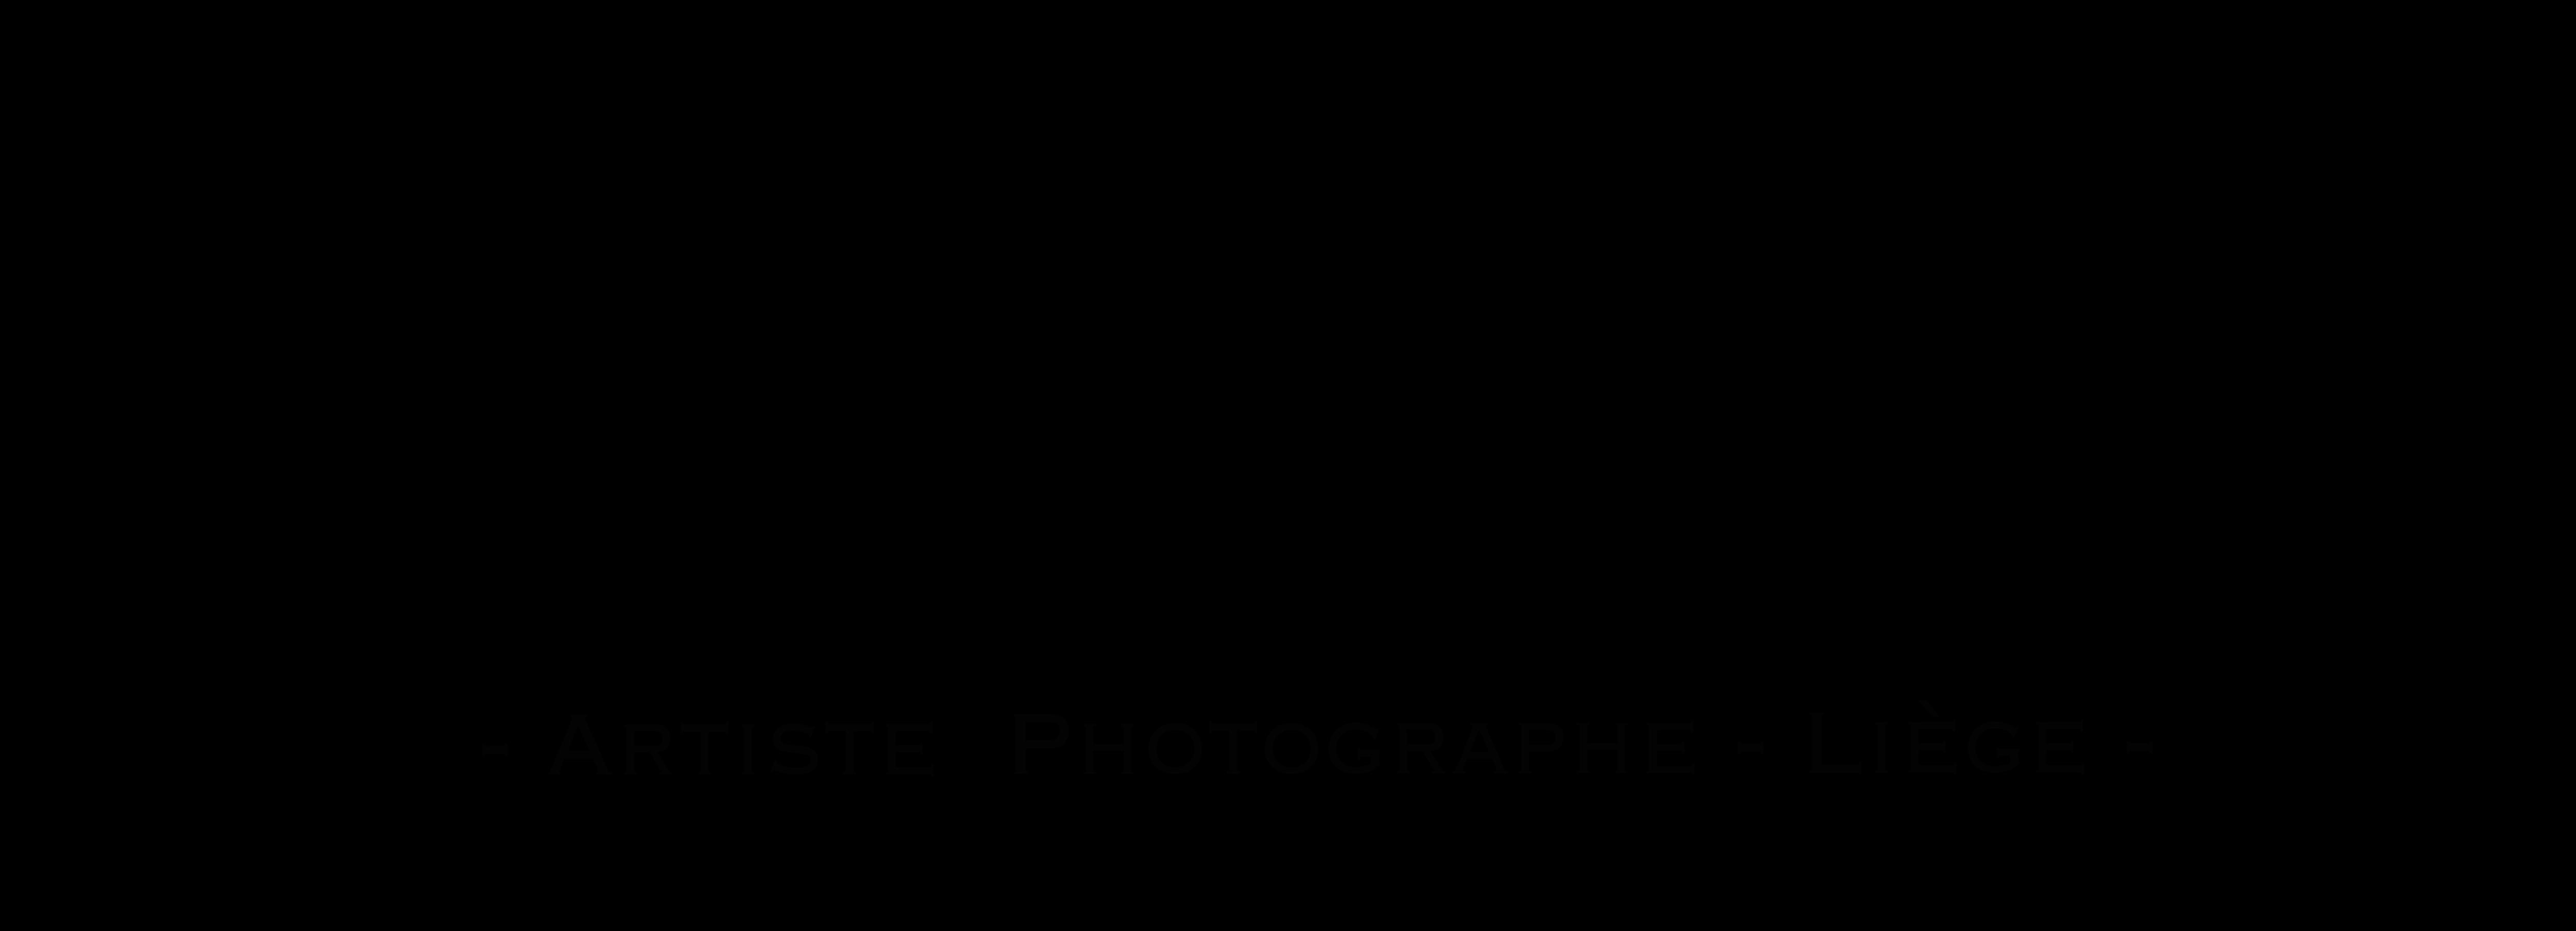 Logo for Studio Olivier - Artiste Photographe - Liège